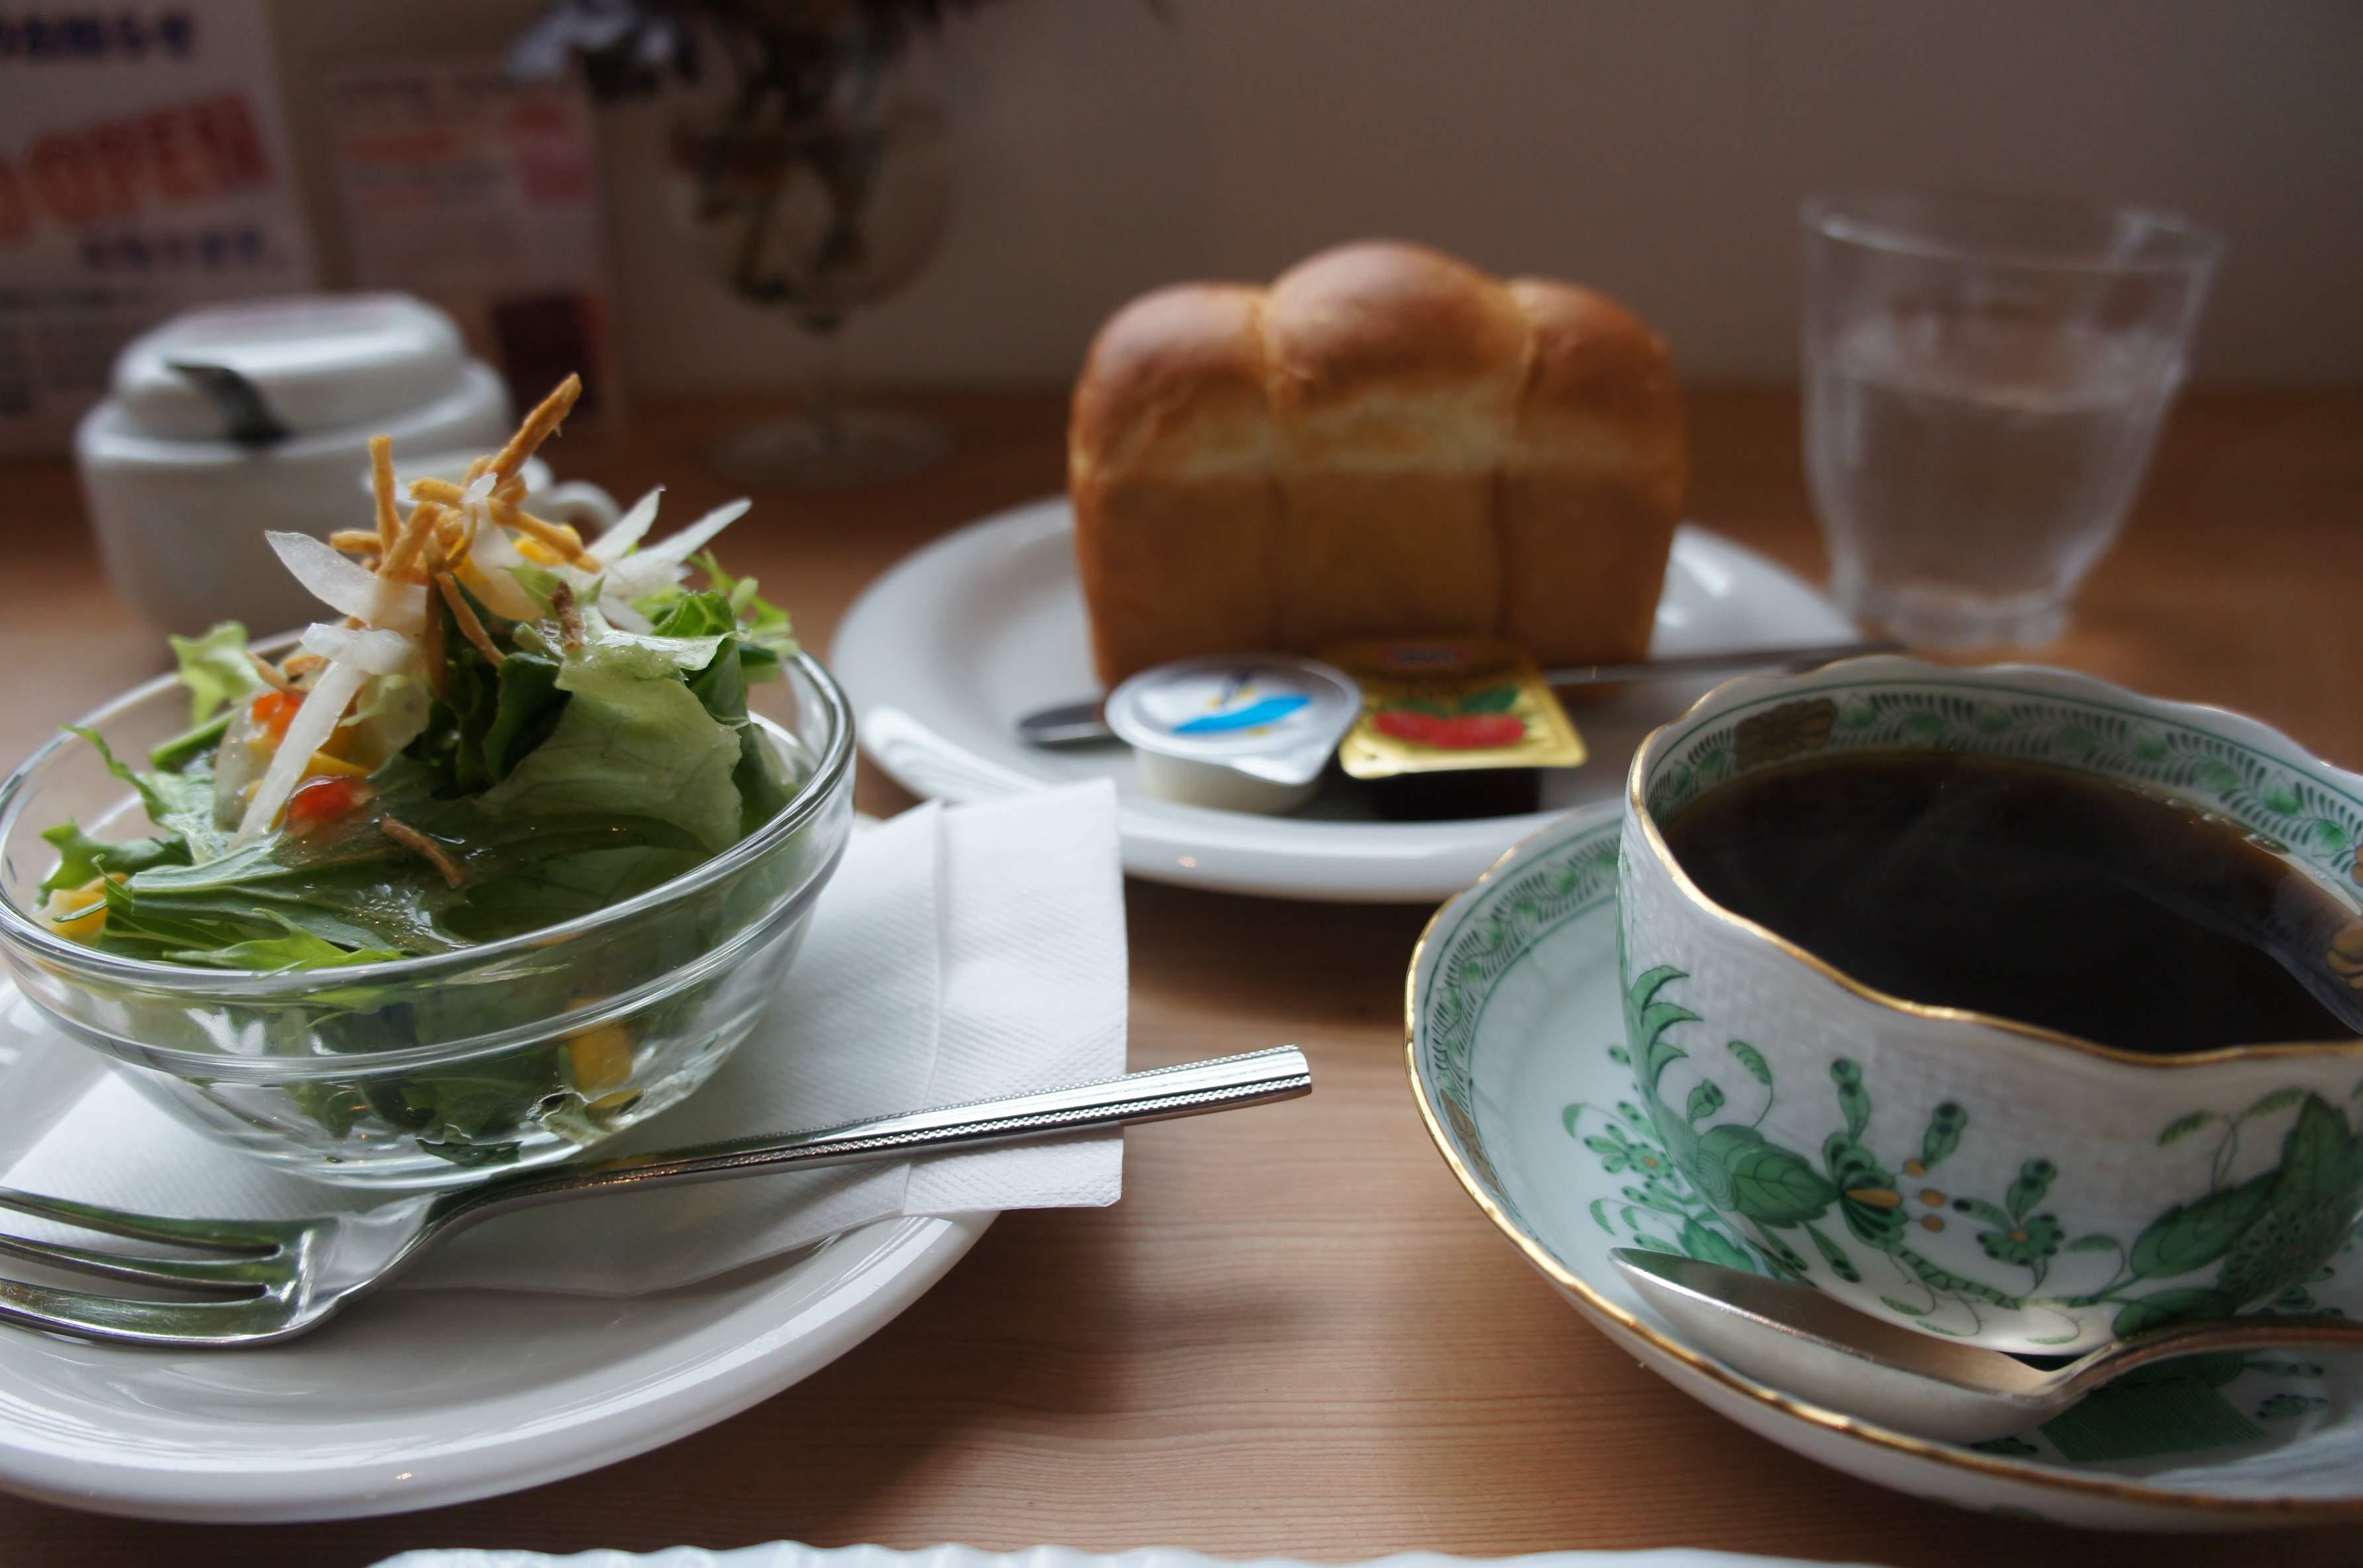 美味しいコーヒーで素敵な一日をはじめませんか?「COFFEE HOUSE SOL」